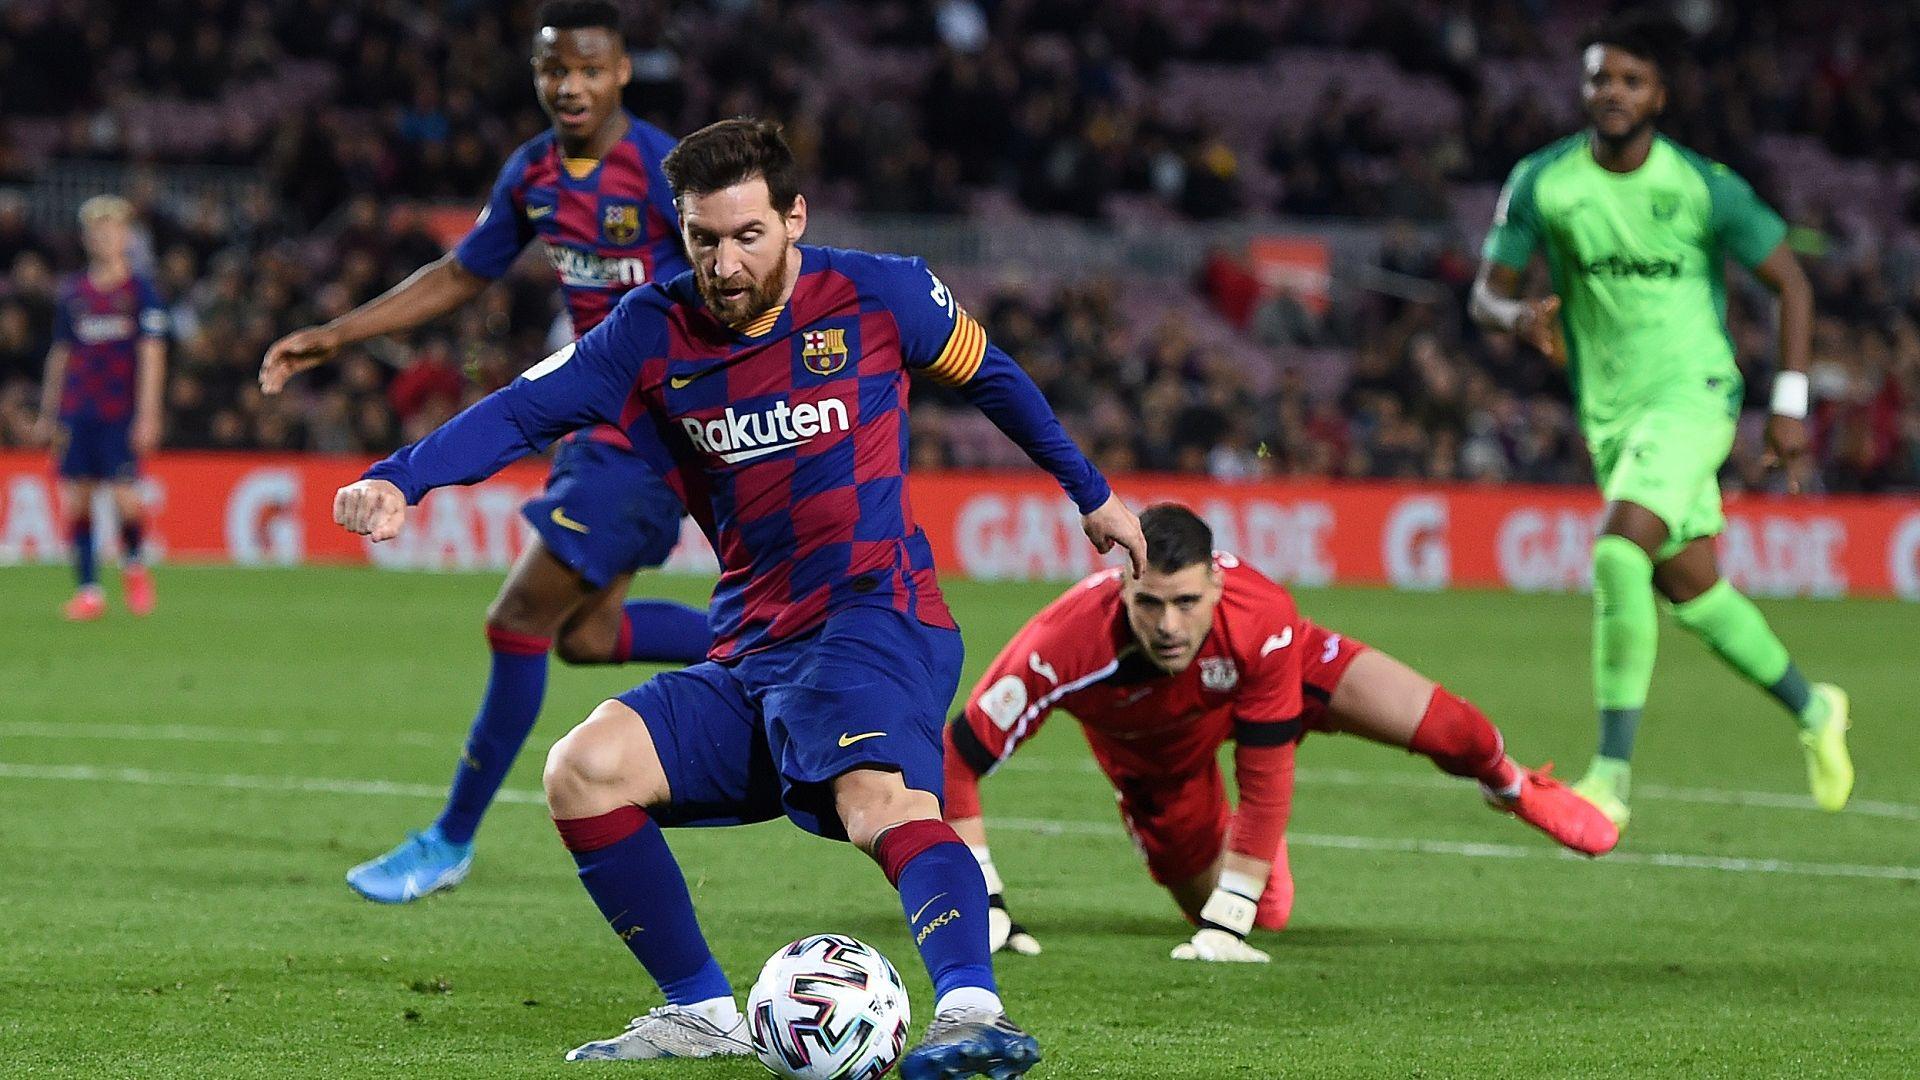 Футбол по телевизията (решаваща вечер с дерби в Испания)